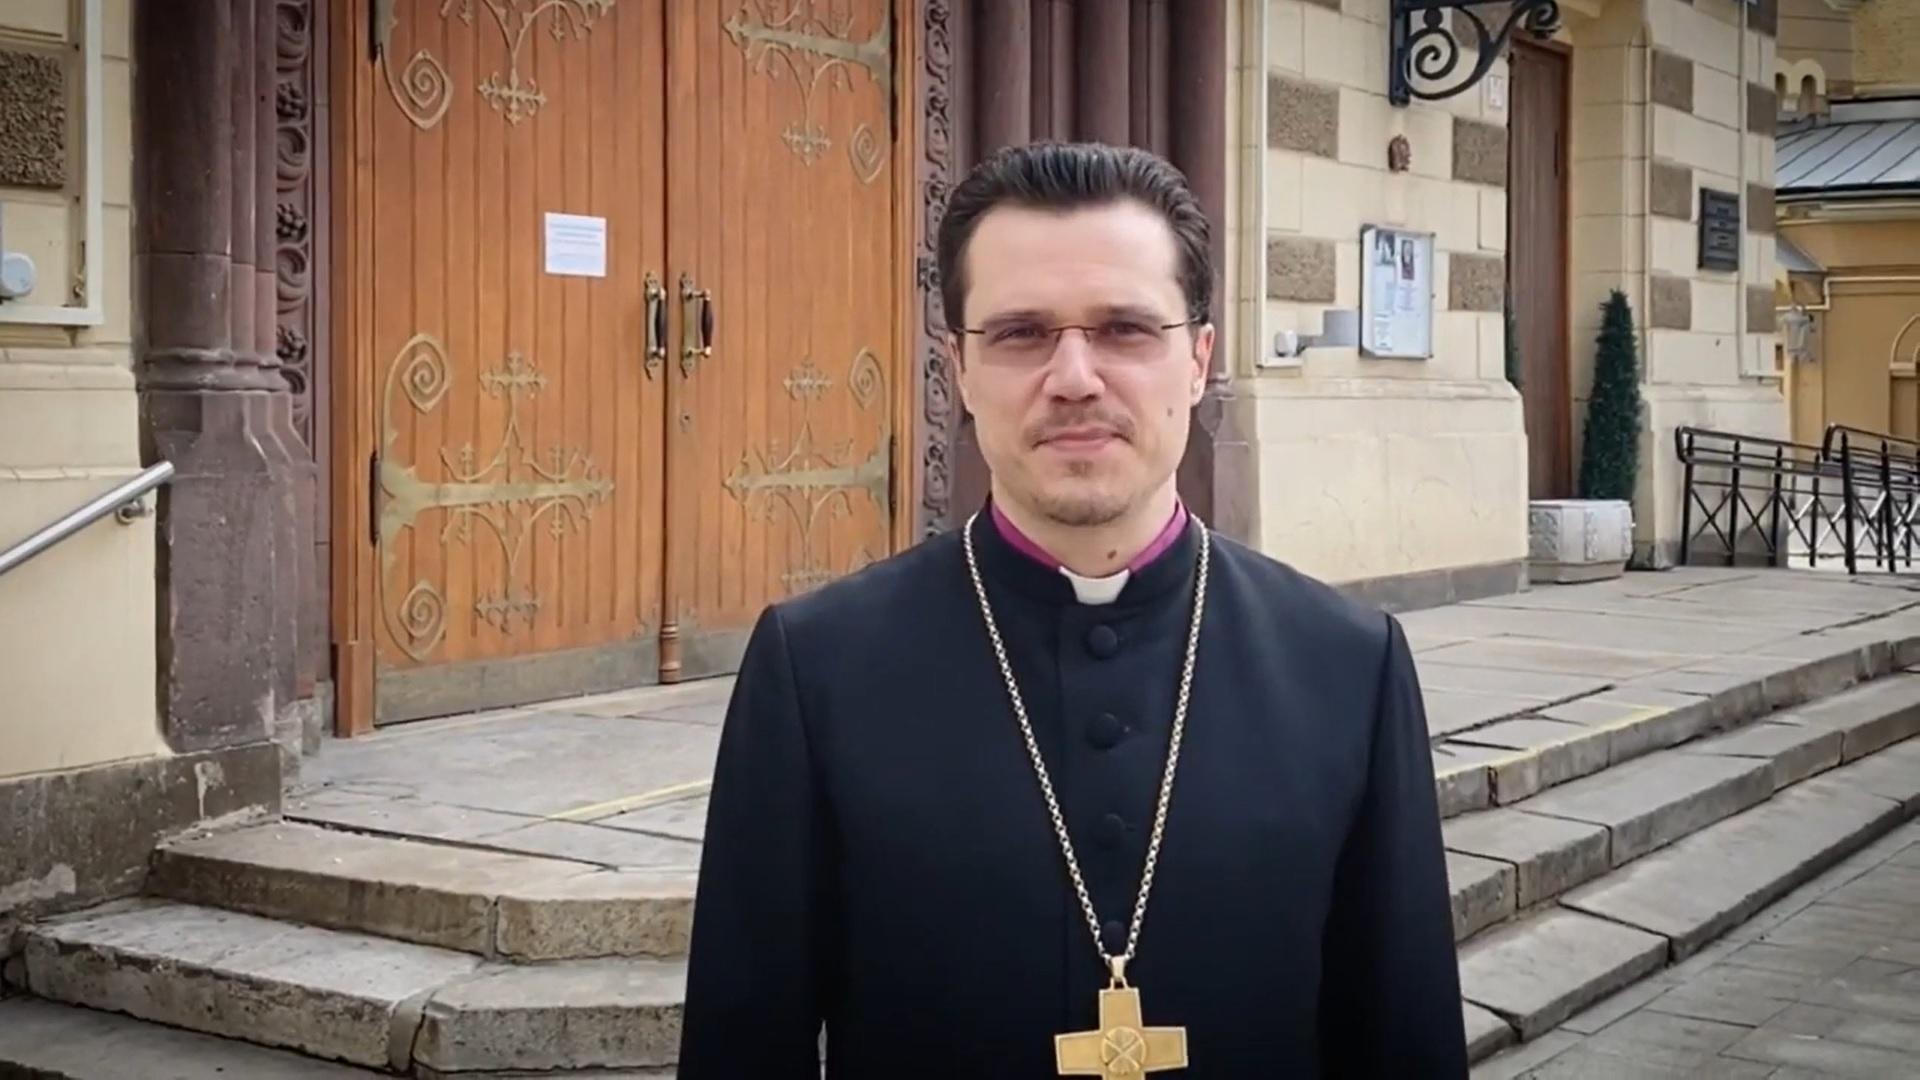 Архиепископ ЕЛЦ Дитрих Брауэр: Христос Воскрес | Пасха